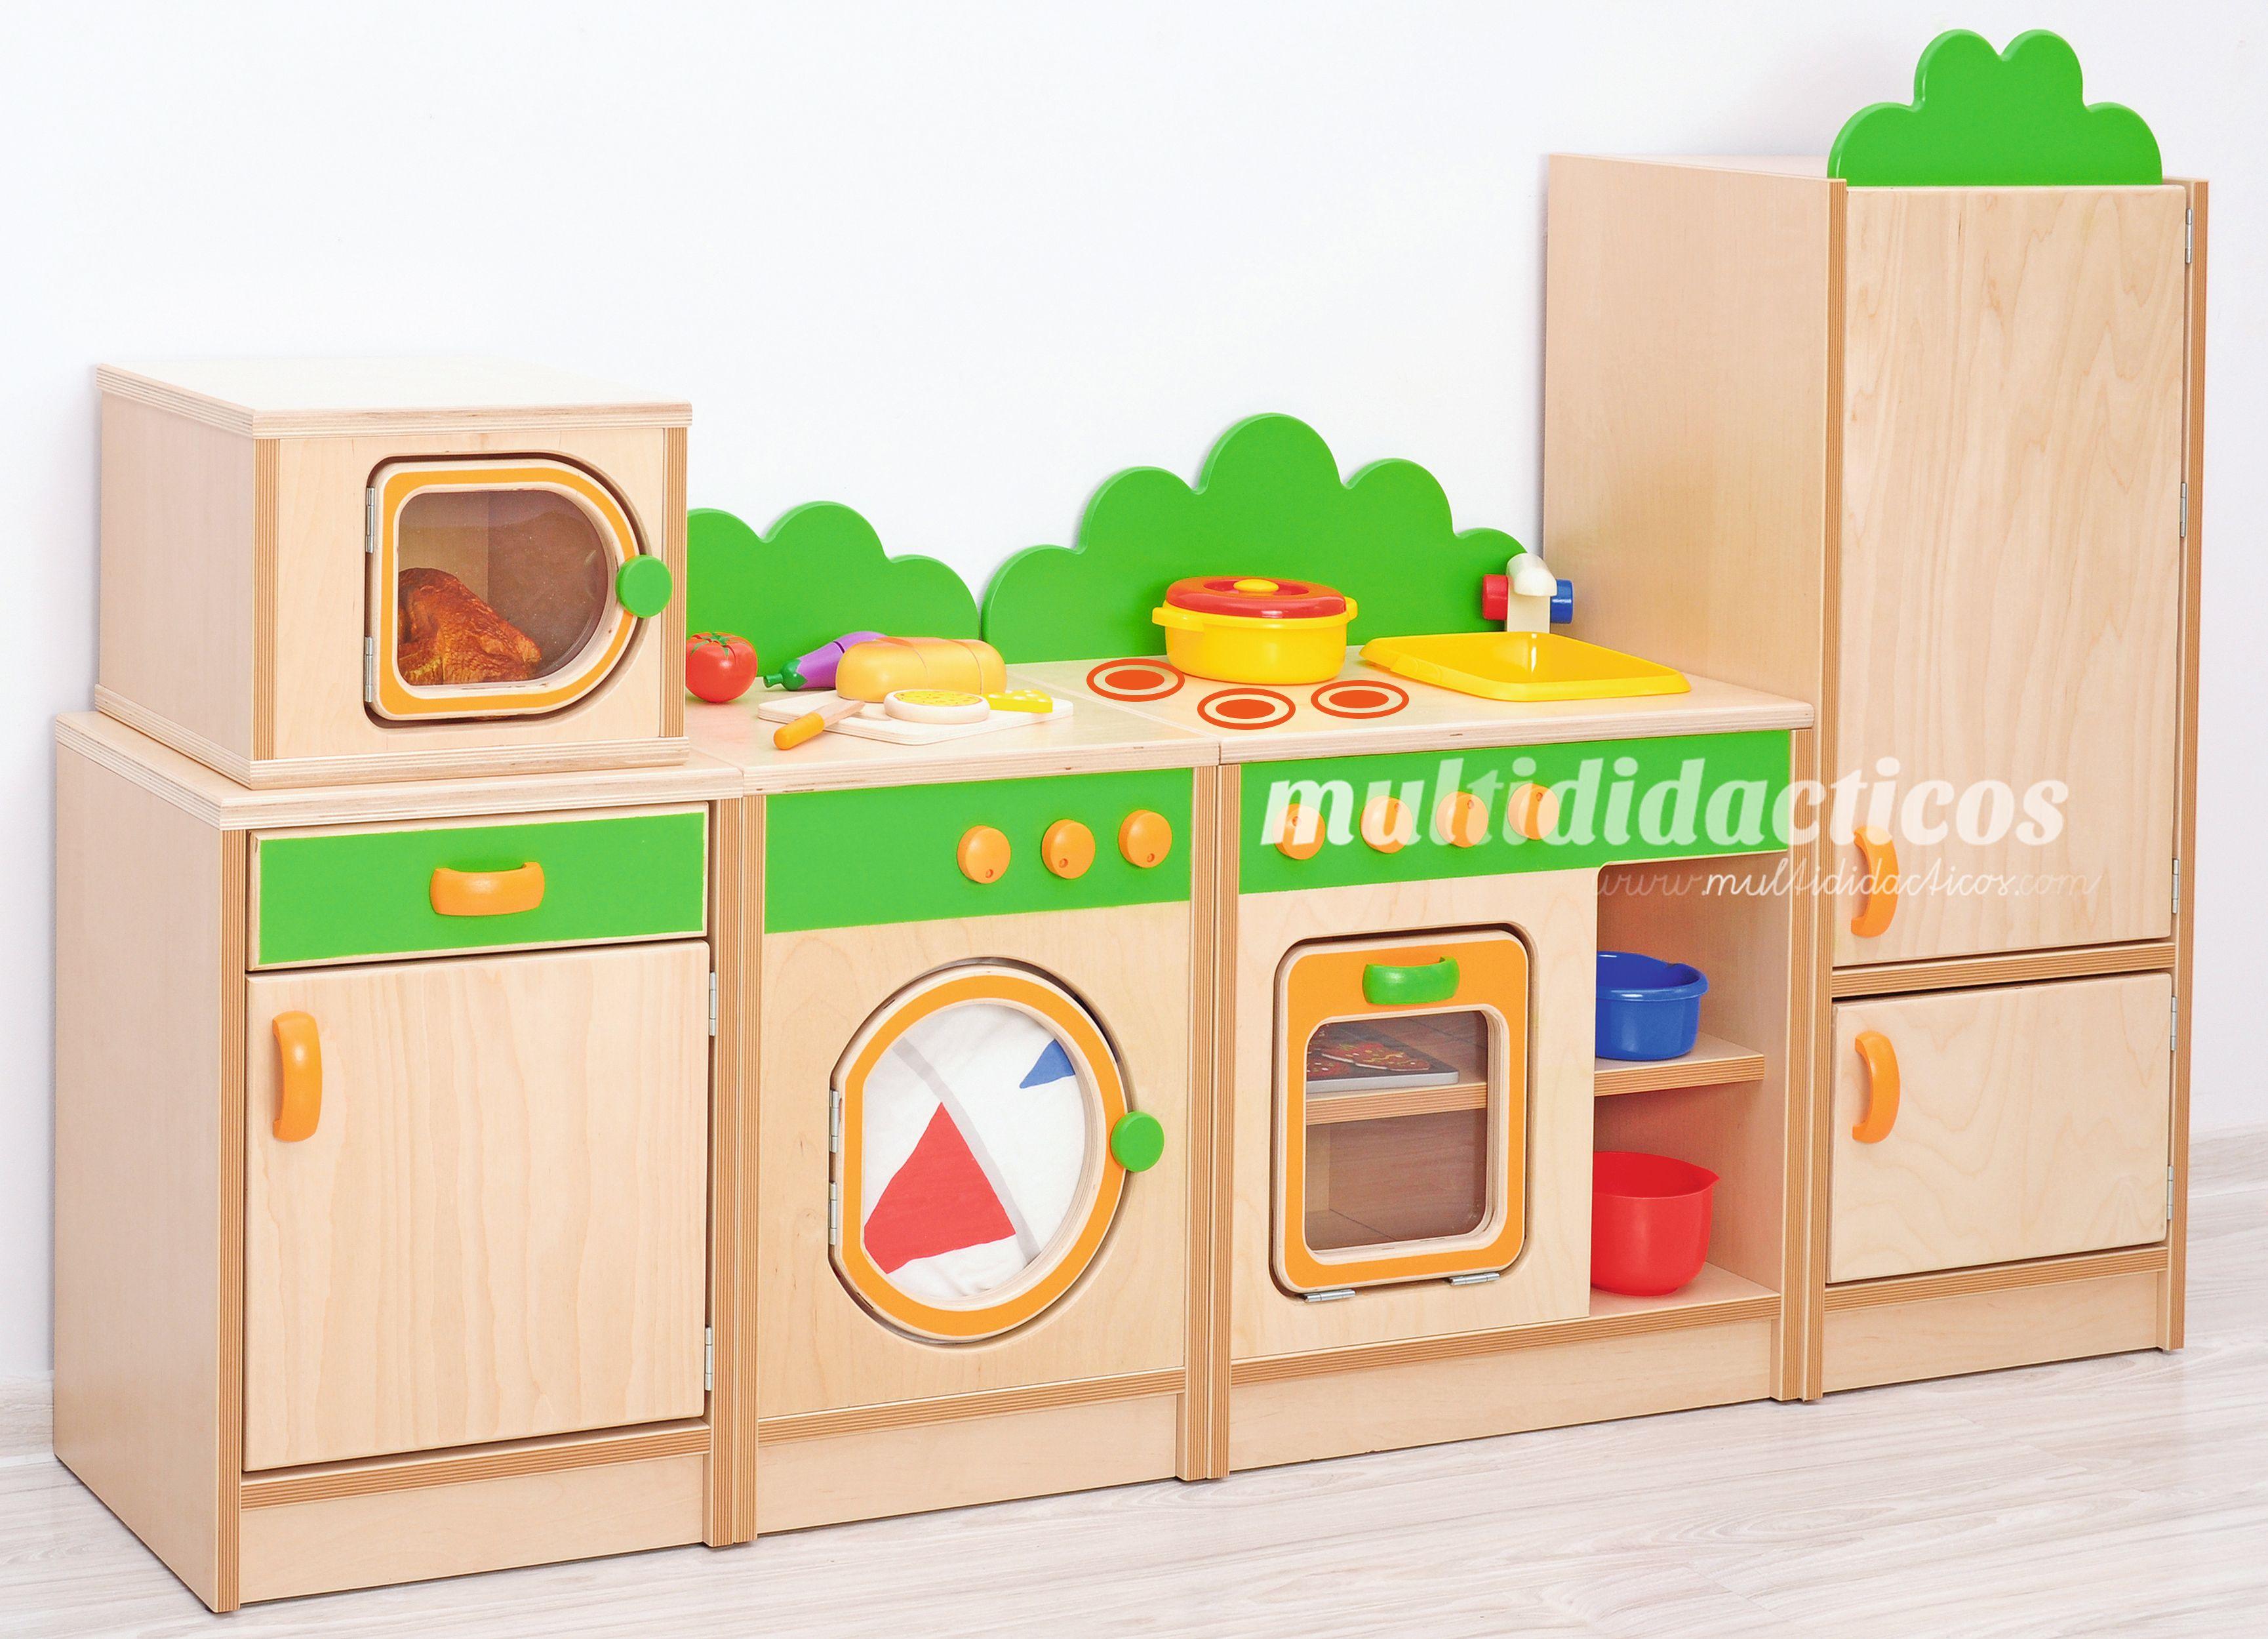 Mueble cocina fabricado en madera para niños #mobiliario #infantil ...